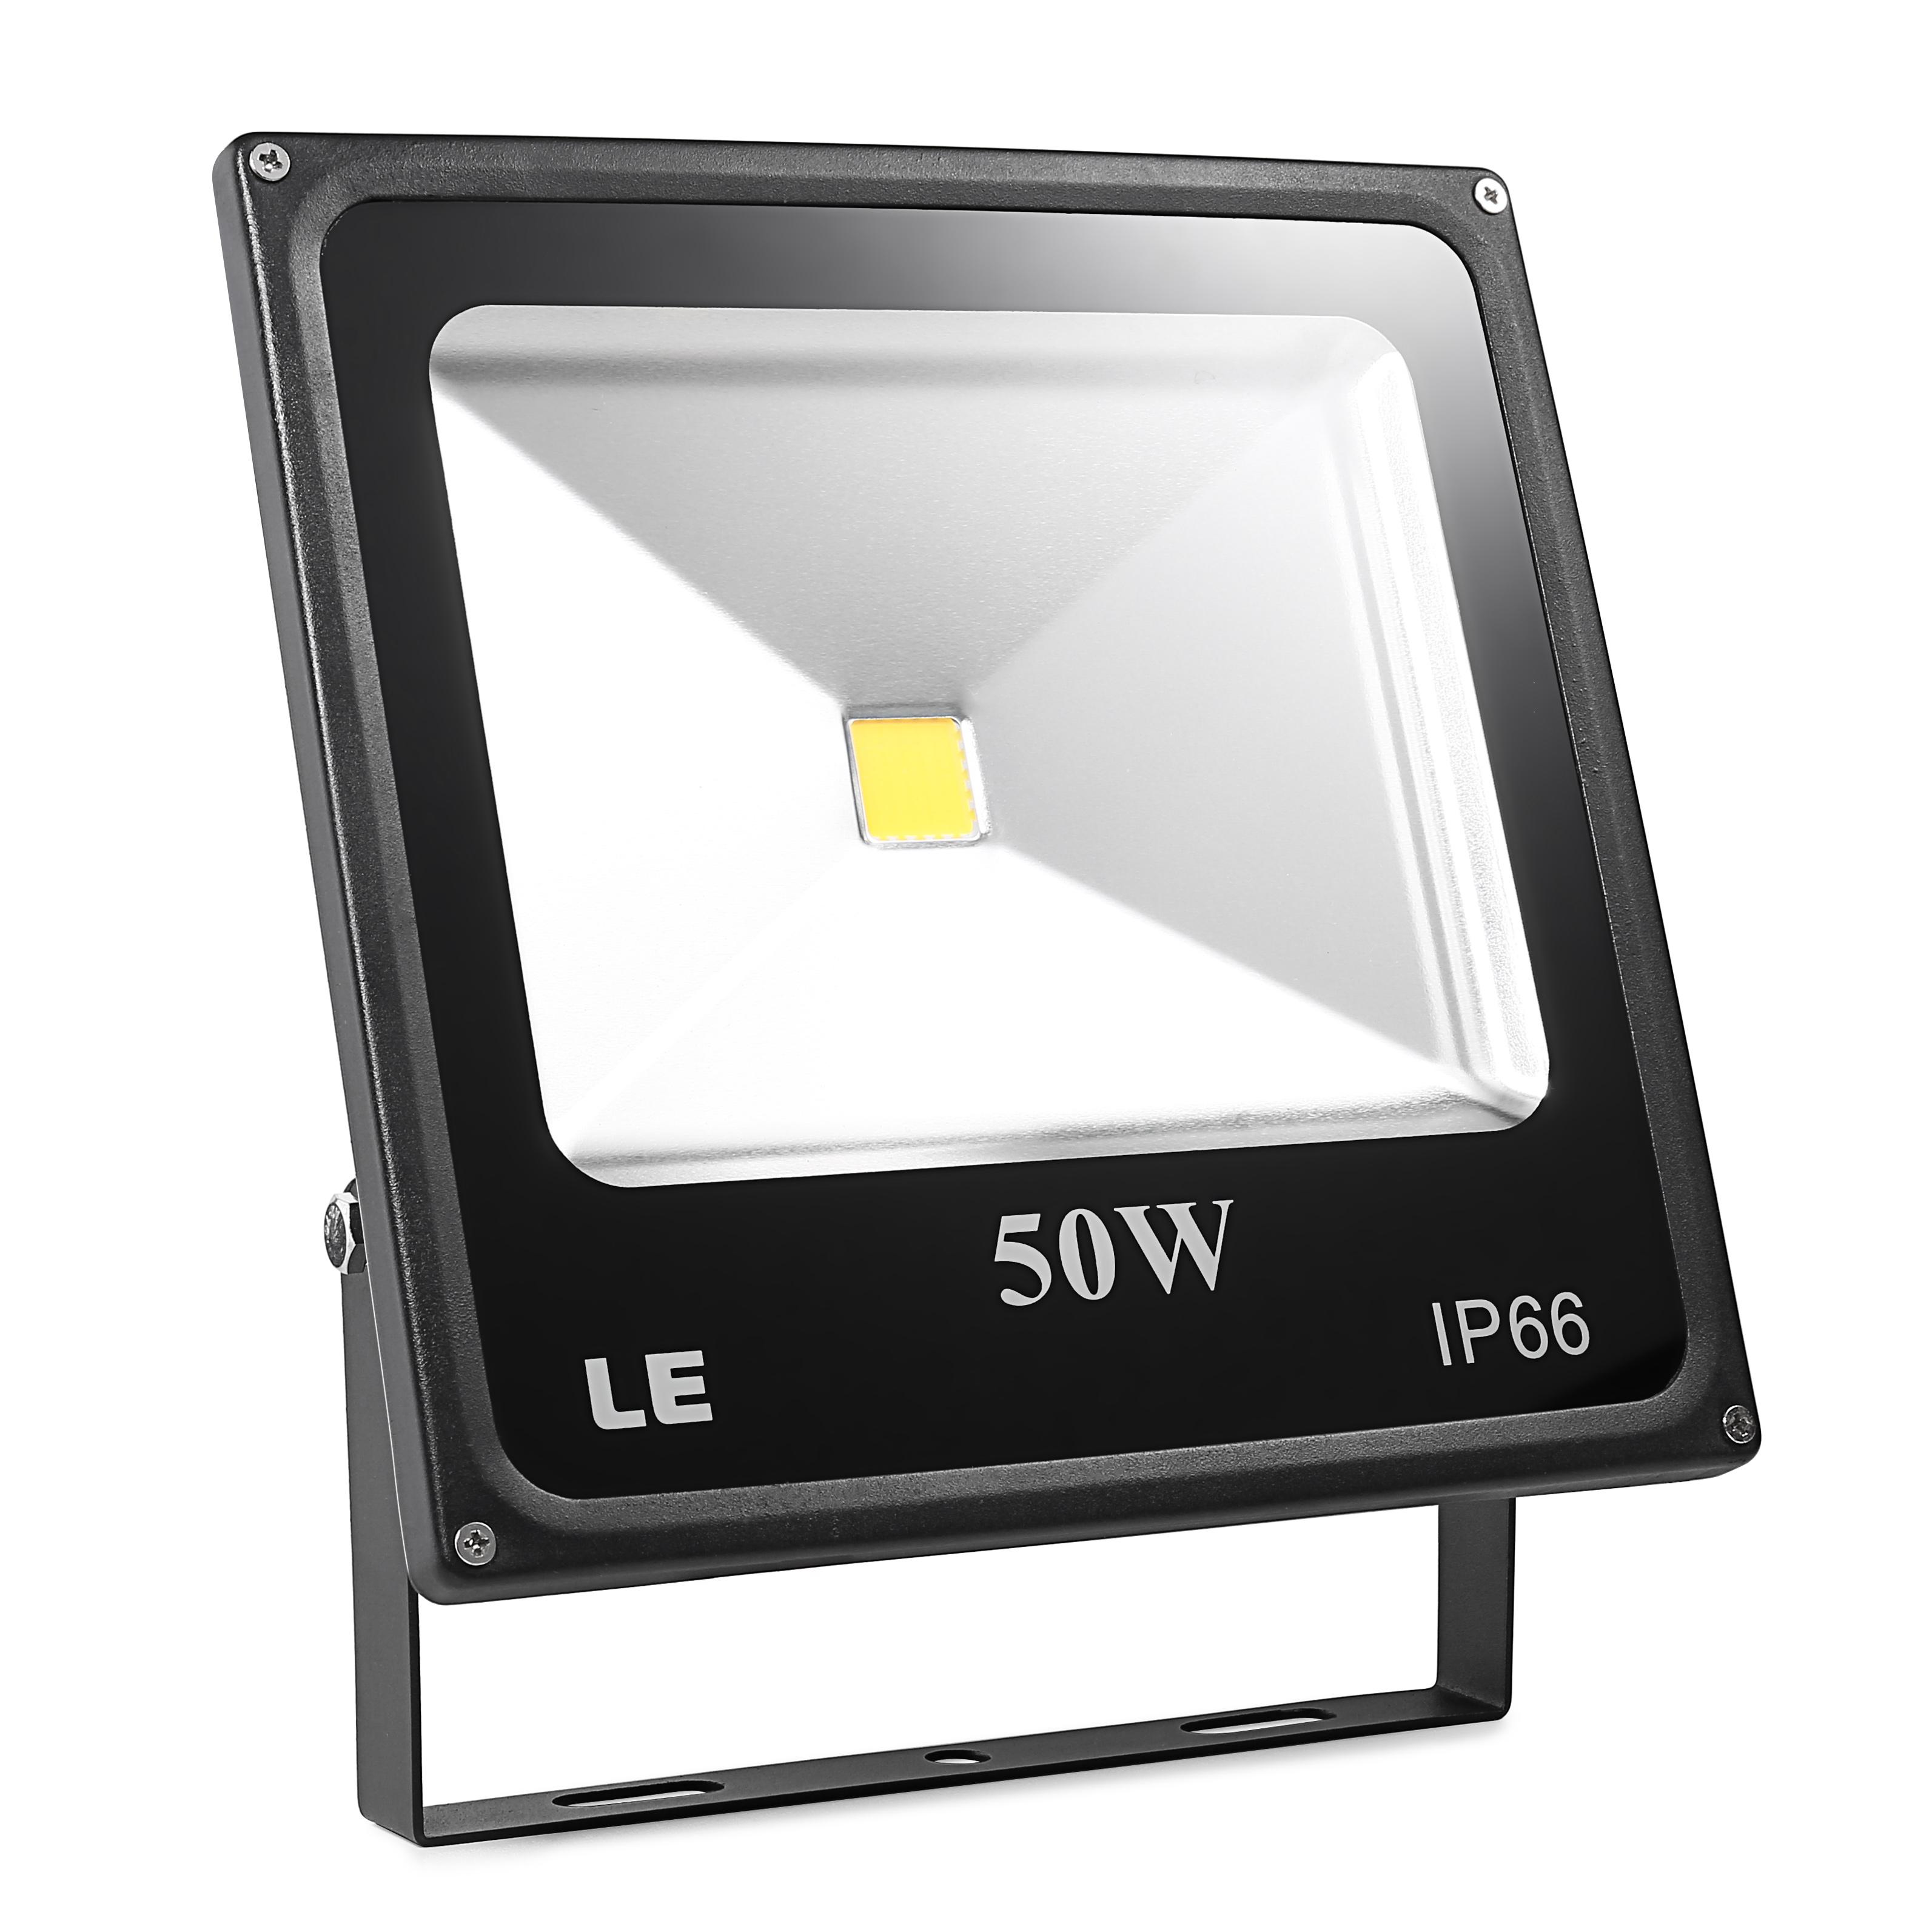 LED Fluter 50W, 3750lm Flutlicht, ersetzt 150W HS Lampe, Kaltweiß, Signalleuchten, Außenleuchten